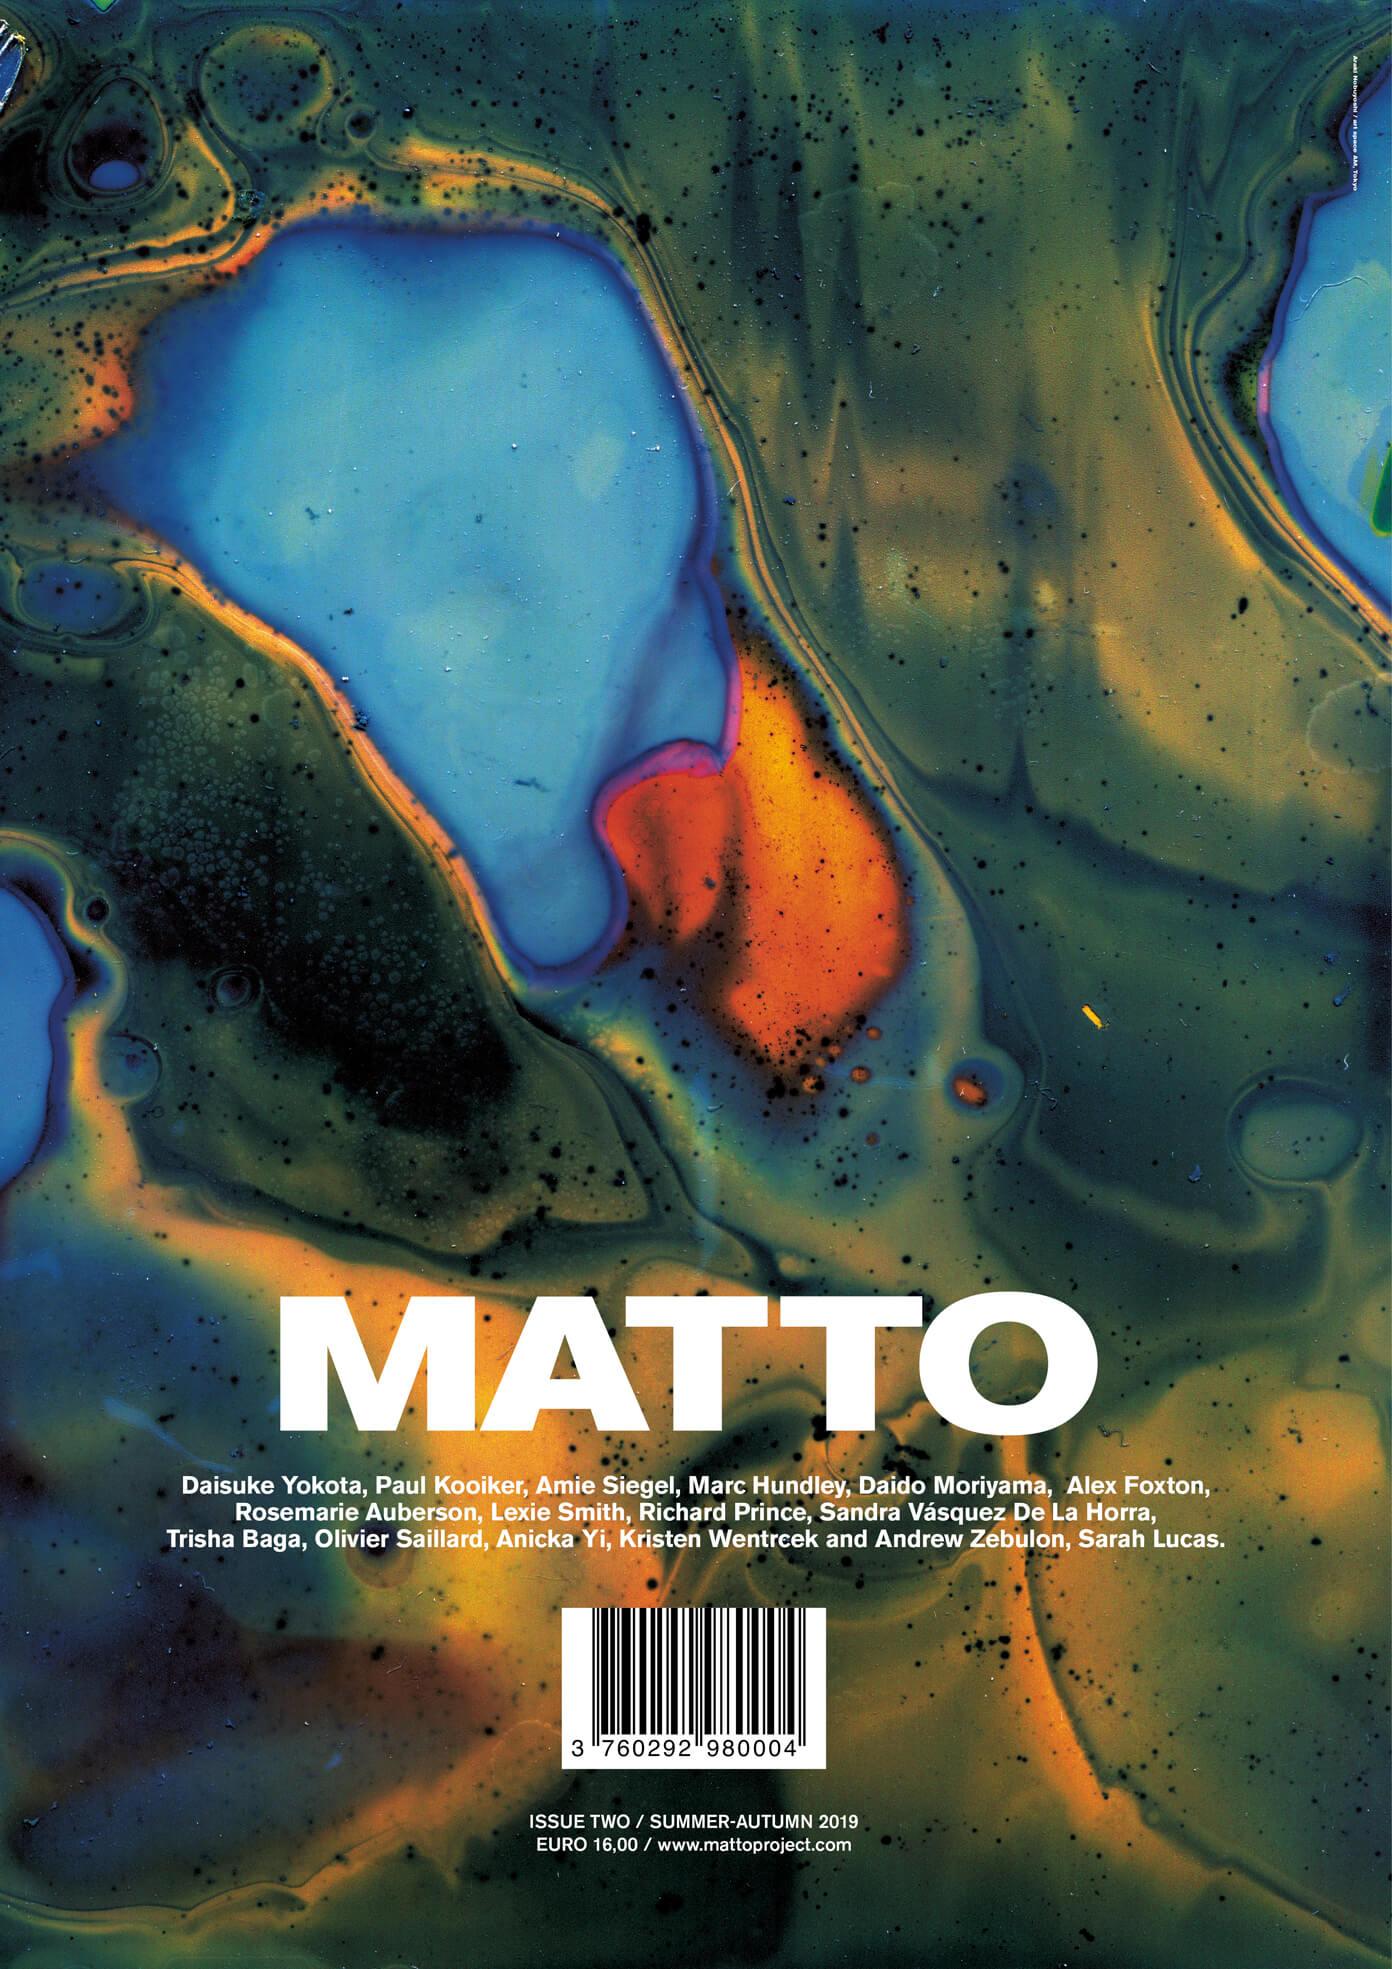 MATTO posters #5